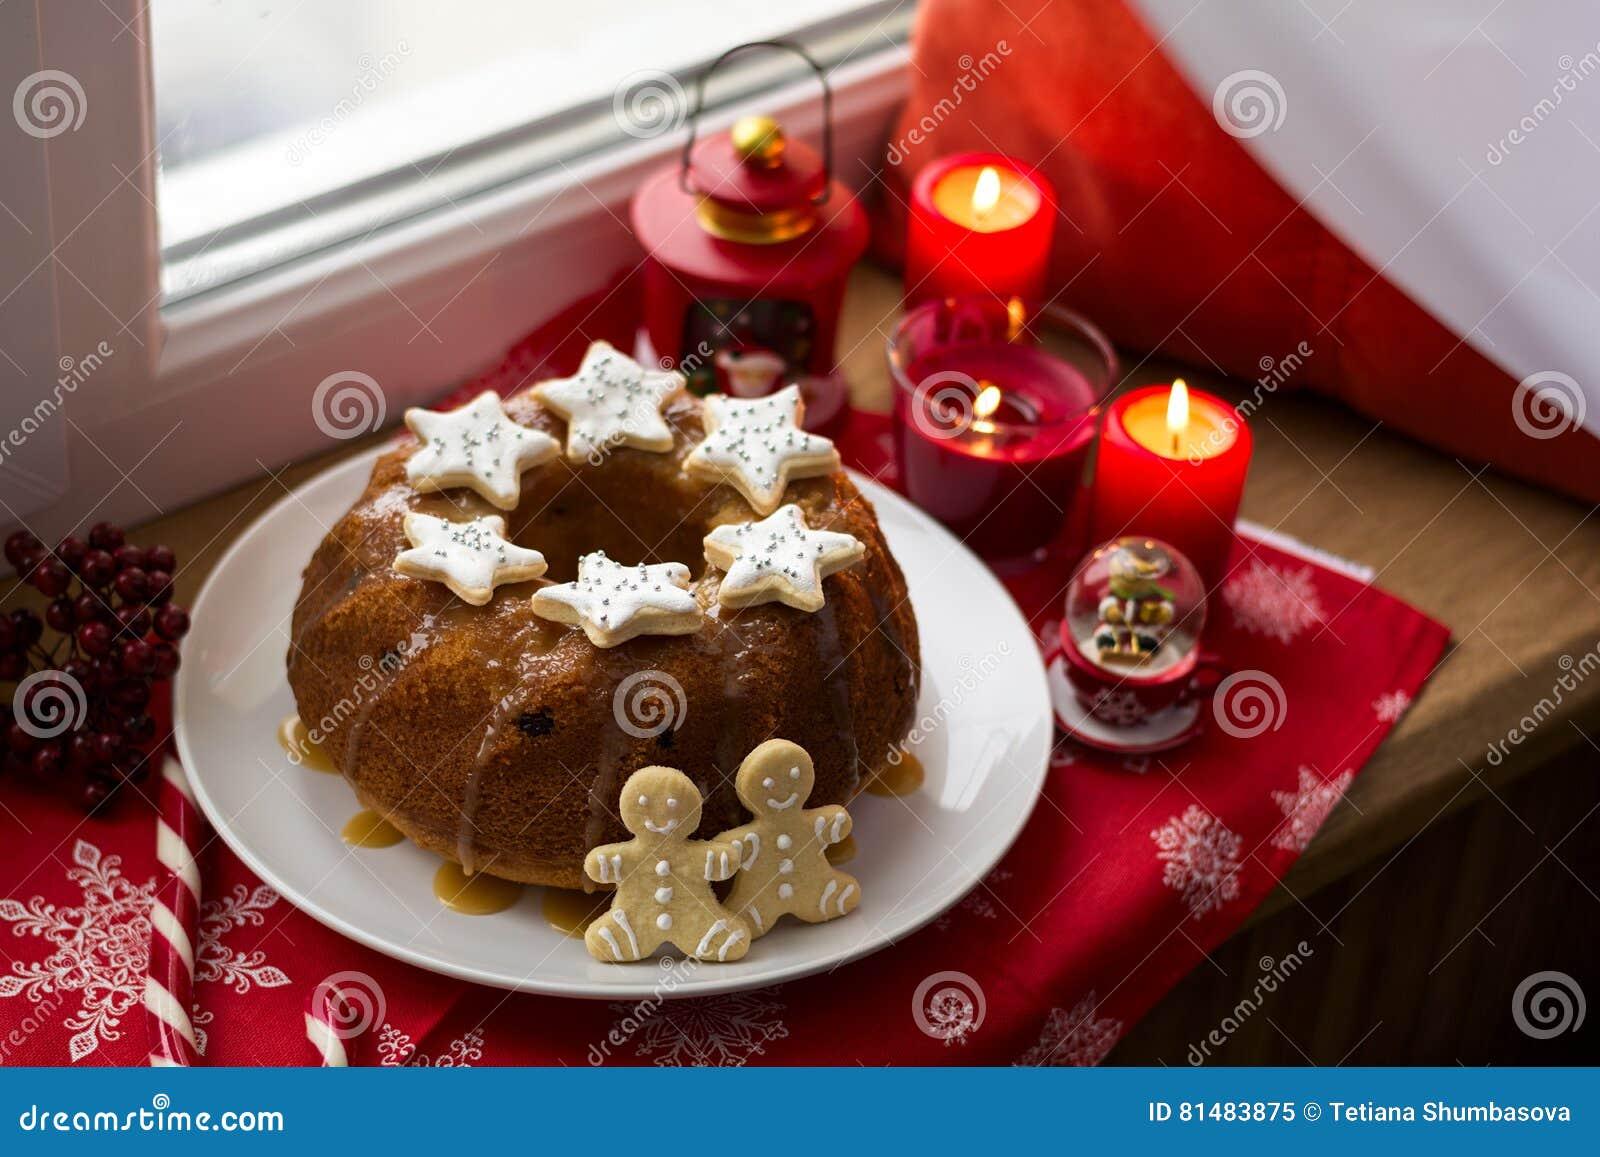 Decorare Candele Di Natale : Decorazione di natale dolce pan di zenzero uomini e candele di